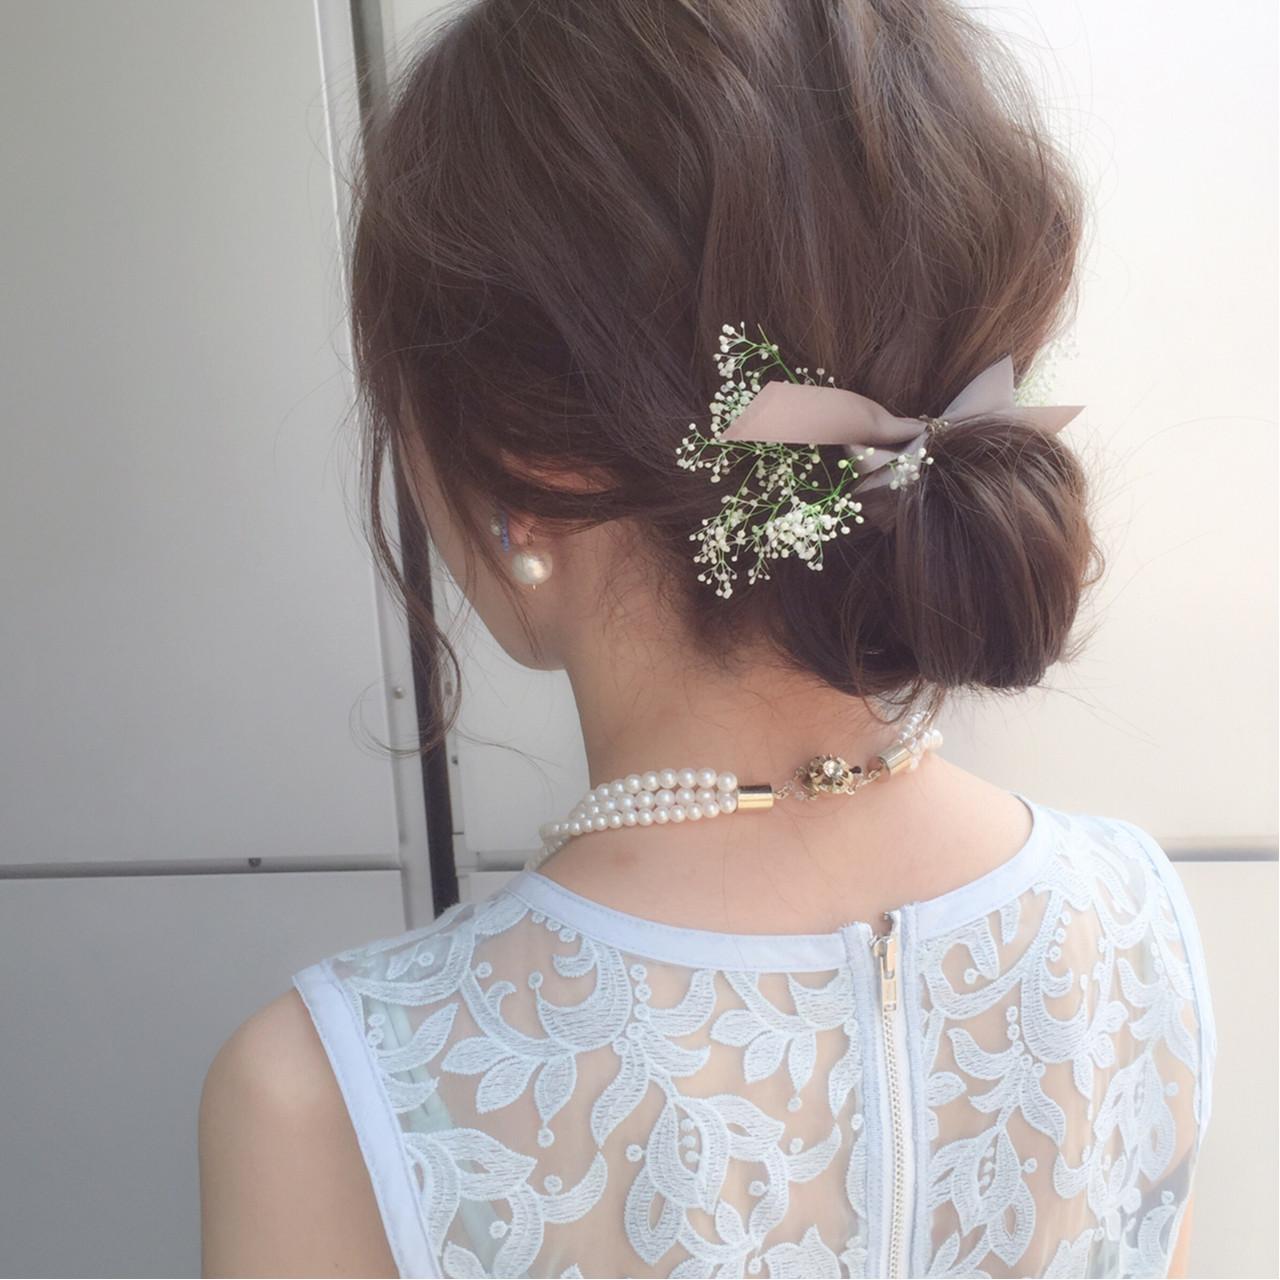 お団子 簡単ヘアアレンジ ミディアム ショート ヘアスタイルや髪型の写真・画像